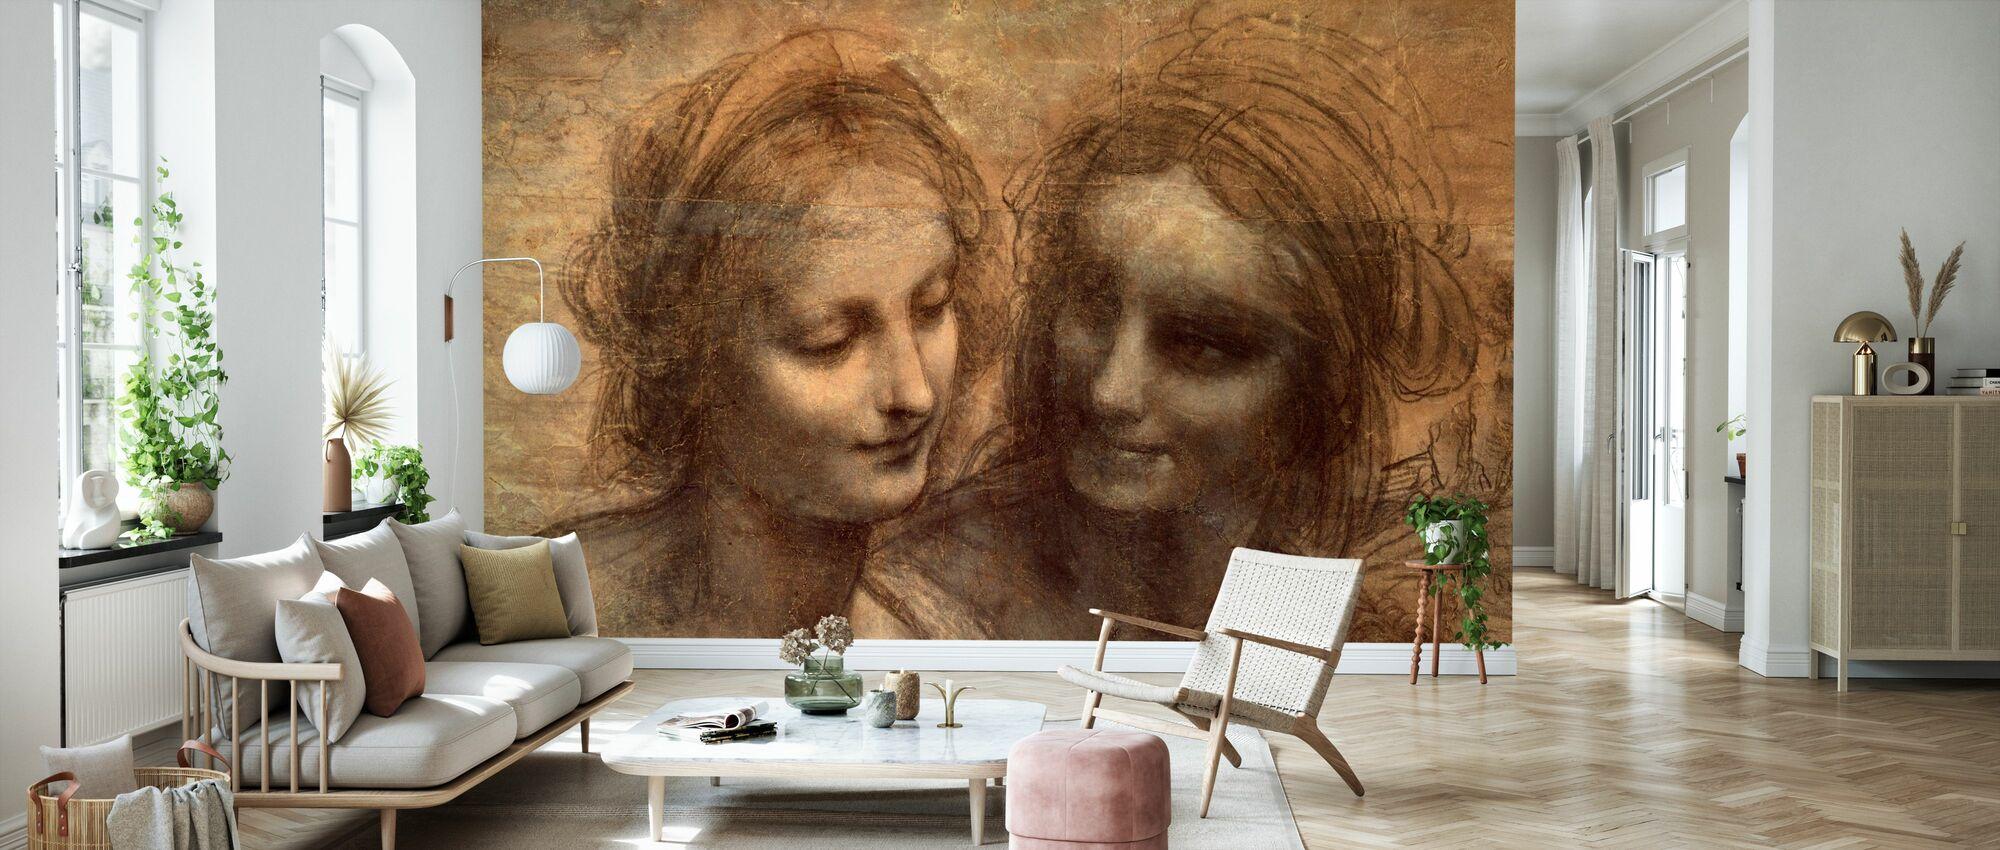 Jungfrau und Kind - Leonardo da Vinci - Tapete - Wohnzimmer